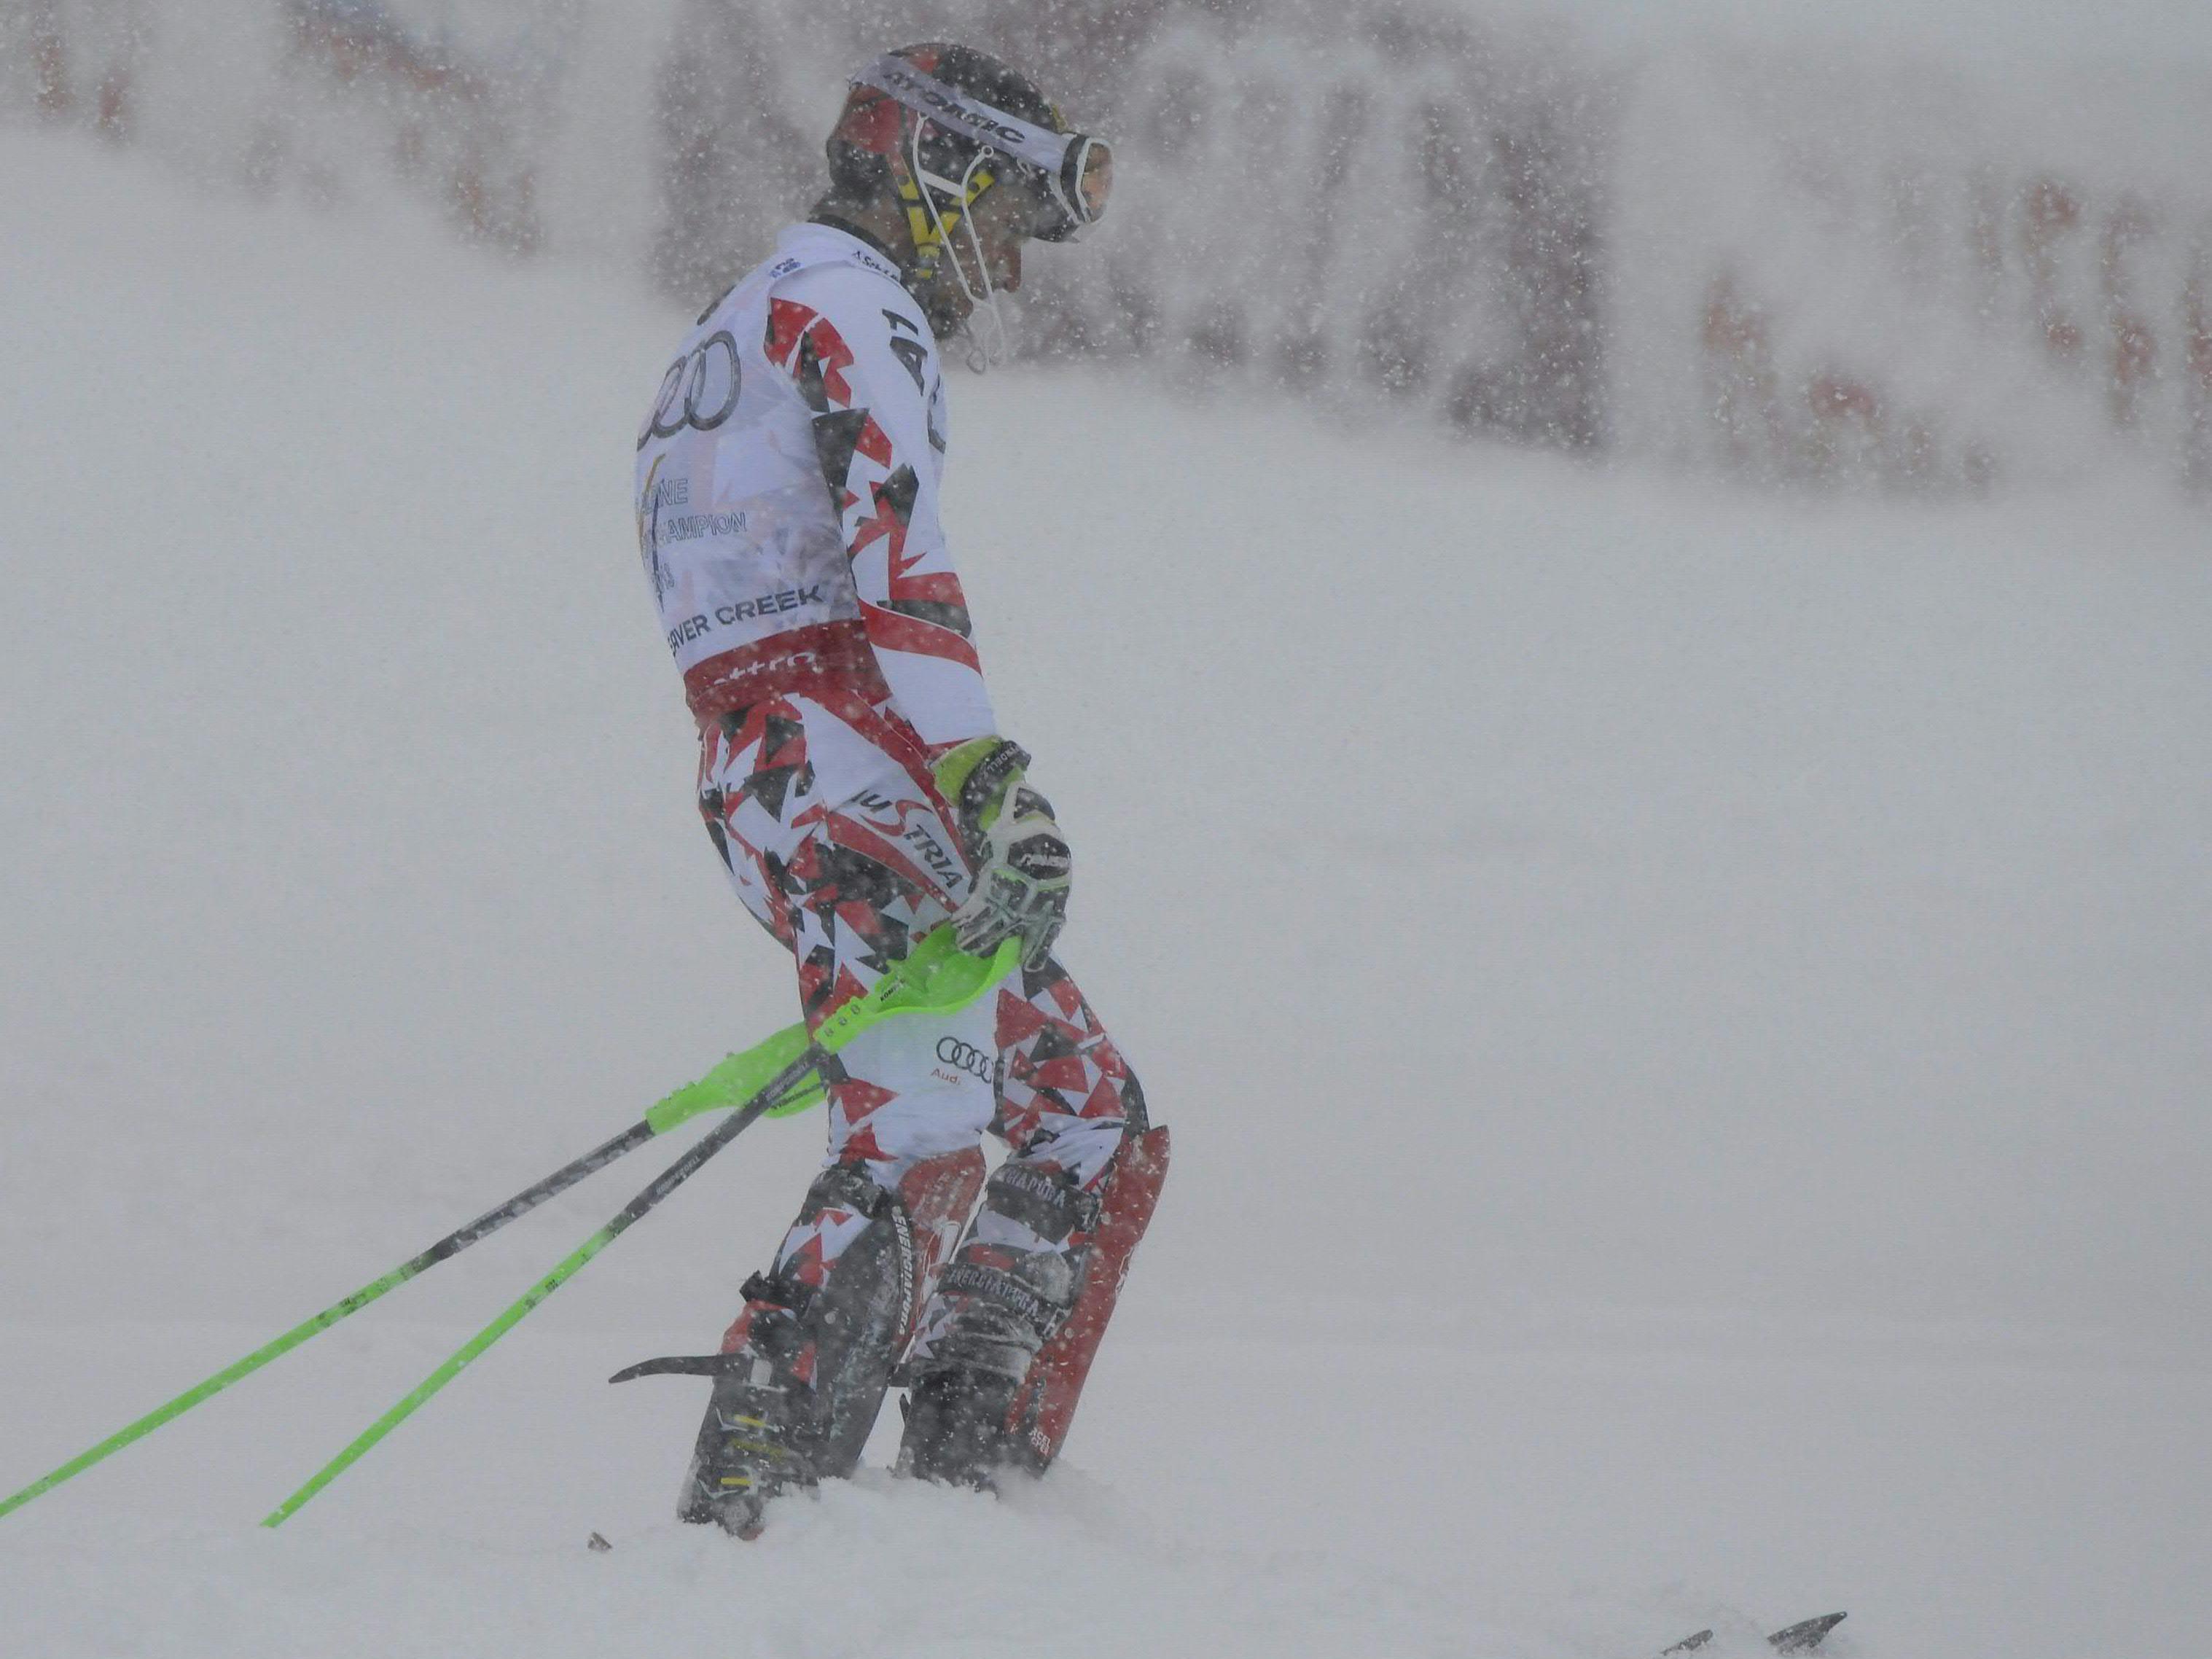 Traum von Slalom-Gold platzte für ÖSV-Superstar Hirscher im grenzwertigen Schneetreiben